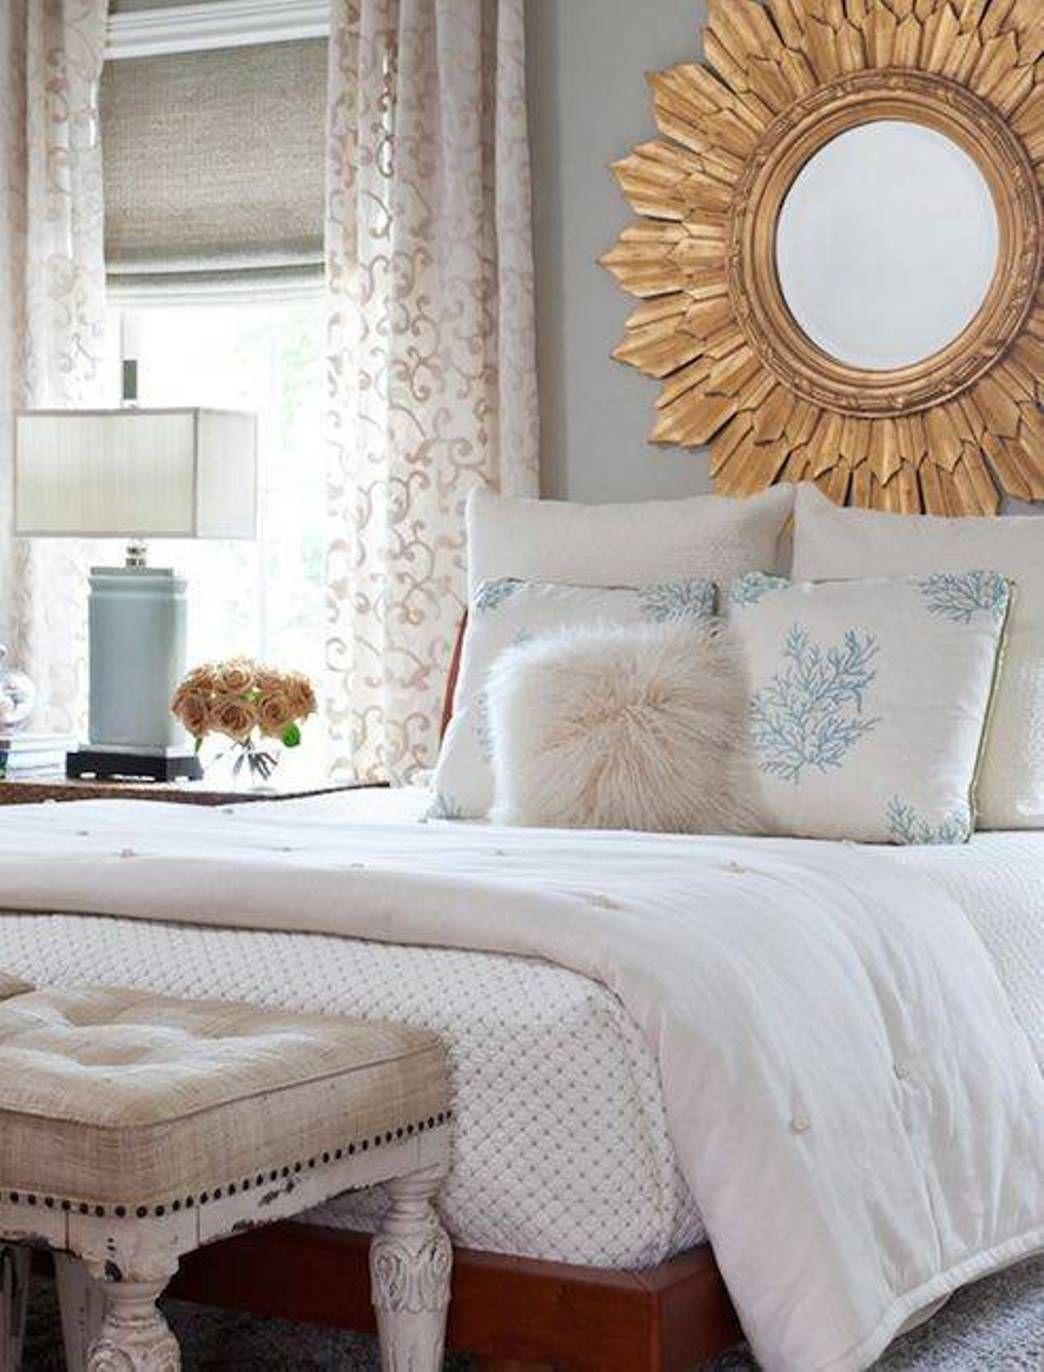 Home Design And Decor Decorative Sunburst Mirror Wall Decor